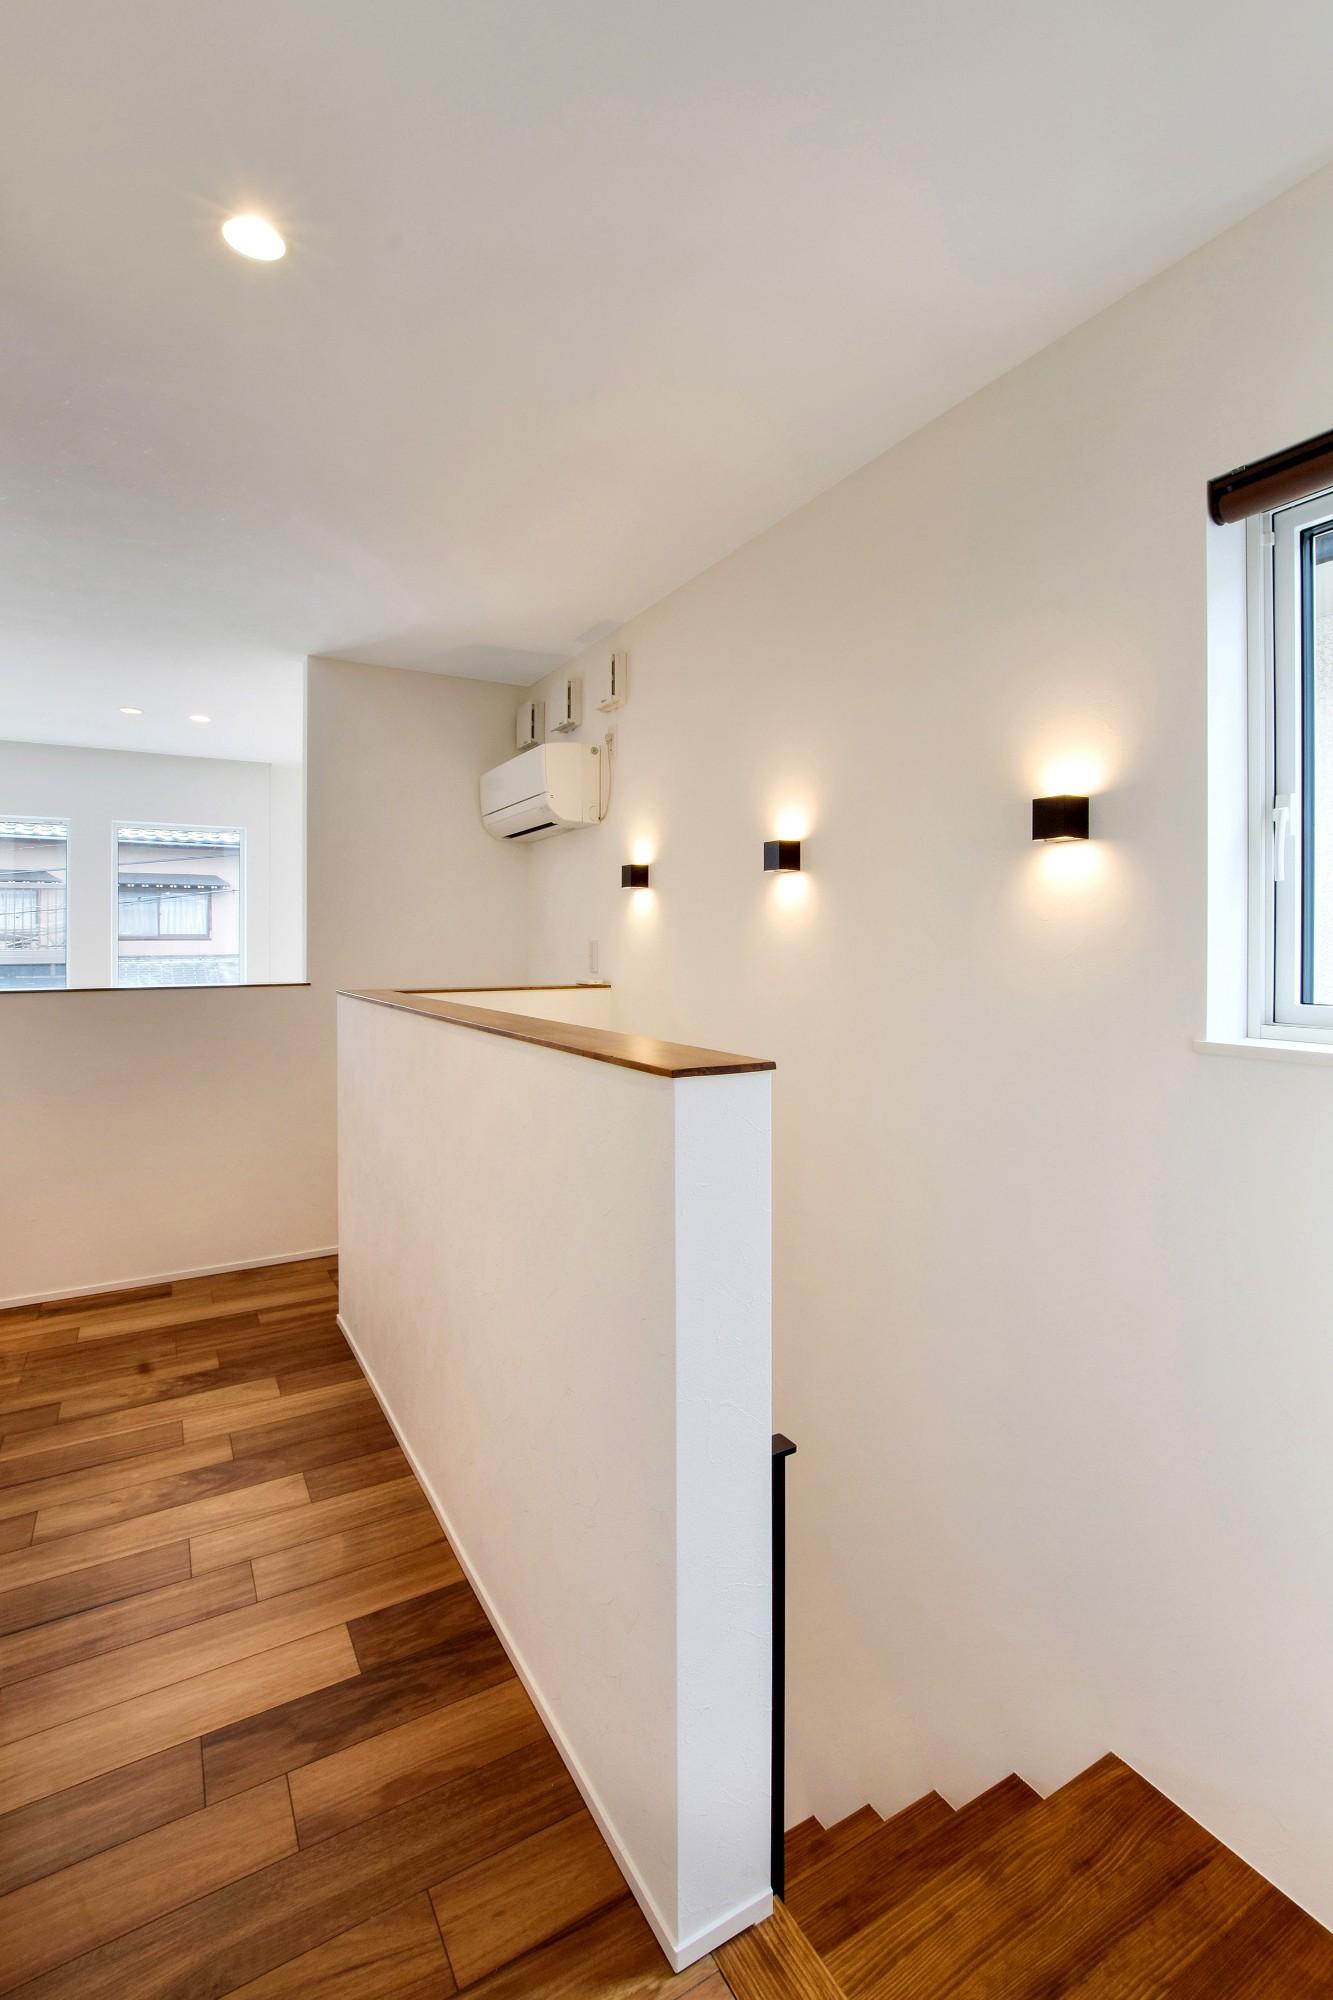 DETAIL HOME(ディテールホーム)「吹抜けのある全館空調の家」のシンプル・ナチュラルな廊下の実例写真